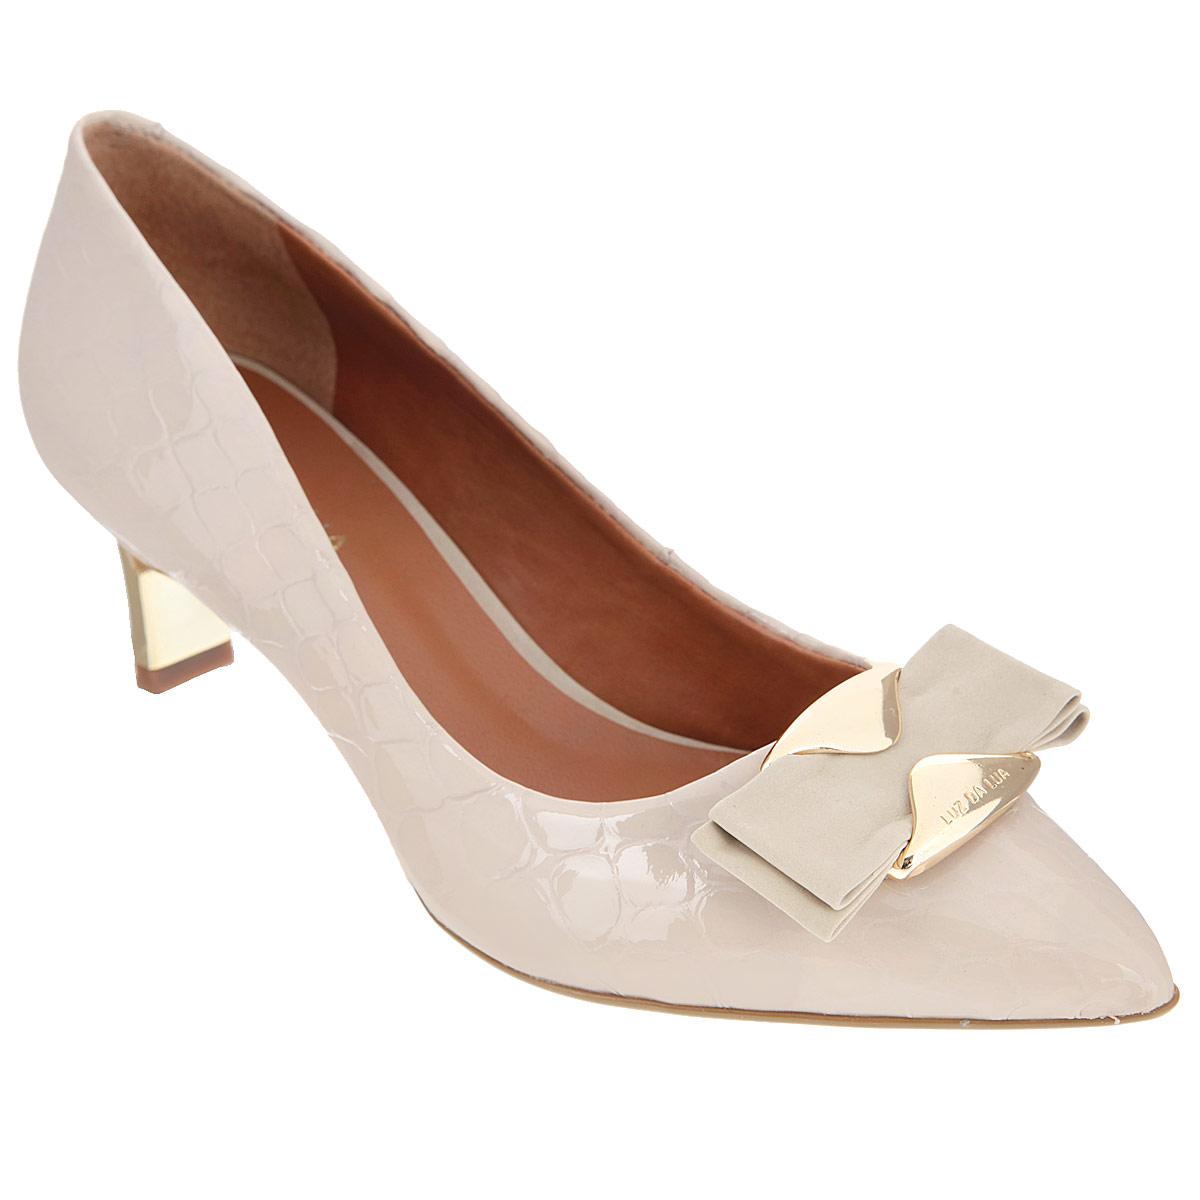 Туфли женские. S54212V25S54212V25Прелестные туфли от Luz Da Lua очаруют вас своим дизайном. Модель выполнена из натуральной лакированной кожи и оформлена тиснением под кожу рептилии. Мыс туфель декорирован милым бантиком из нубука, который крепится на оригинальную металлическую пластину, дополненную гравировкой в виде названия бренда. Заостренный вытянутый носок смотрится женственно. Стелька из натуральной кожи гарантирует комфорт и удобство при ходьбе. Невысокий каблук оформлен золотистой вставкой, стилизованной под металл. Рифление на подошве защищает изделие от скольжения. Элегантные туфли внесут женственные нотки в ваш образ и подчеркнут вашу утонченную натуру.